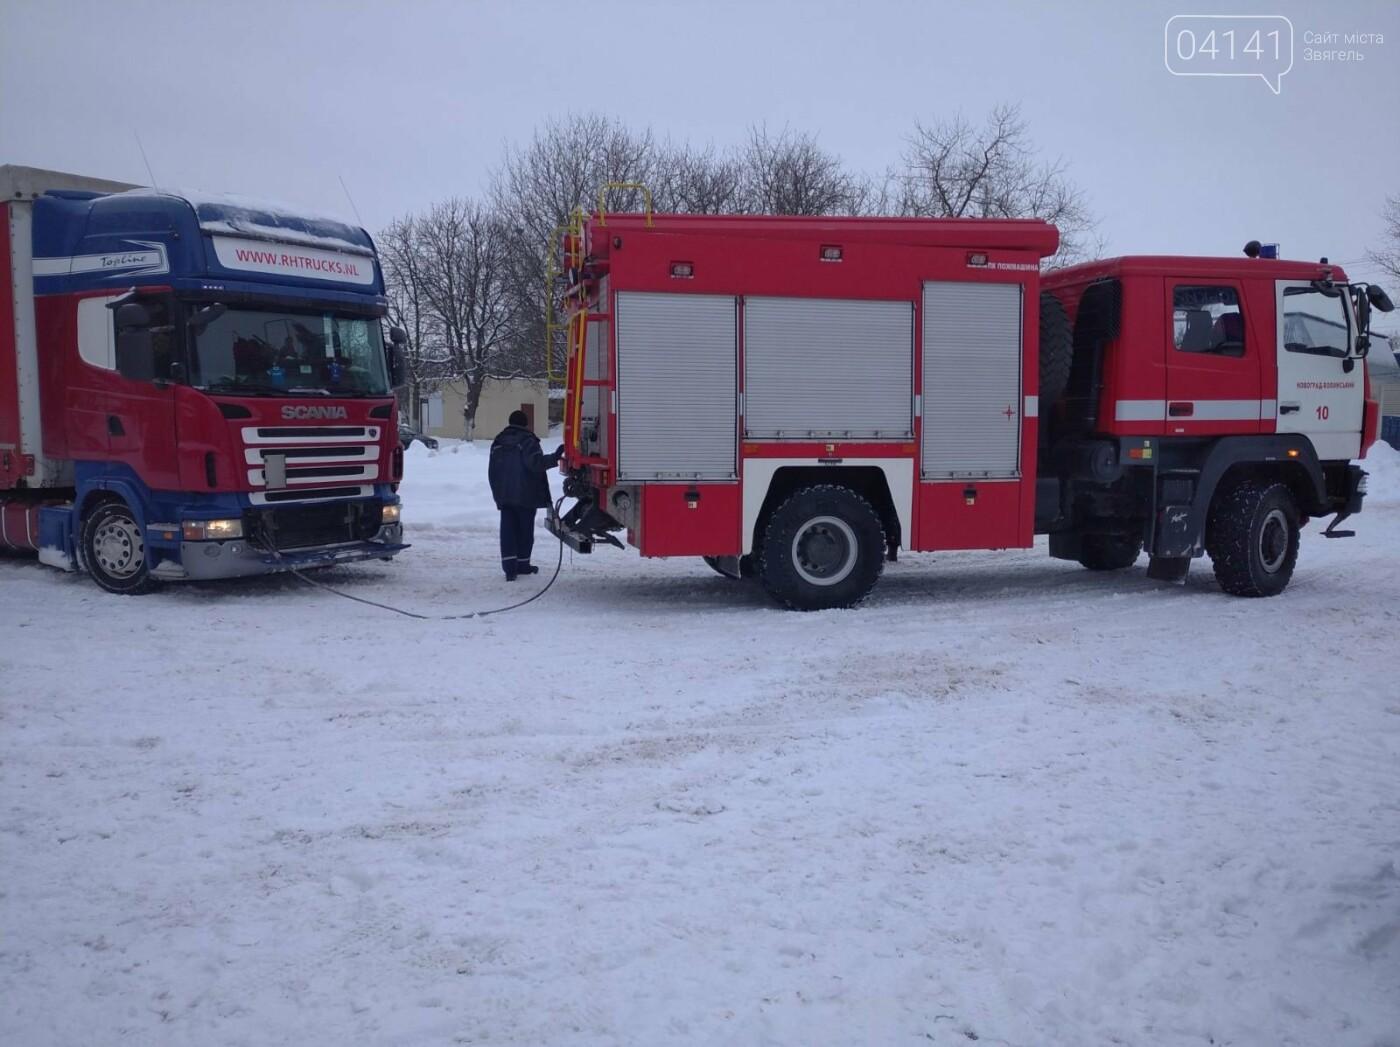 Новоградські рятувальники допомагають водіям вибратися зі снігового полону, фото-1